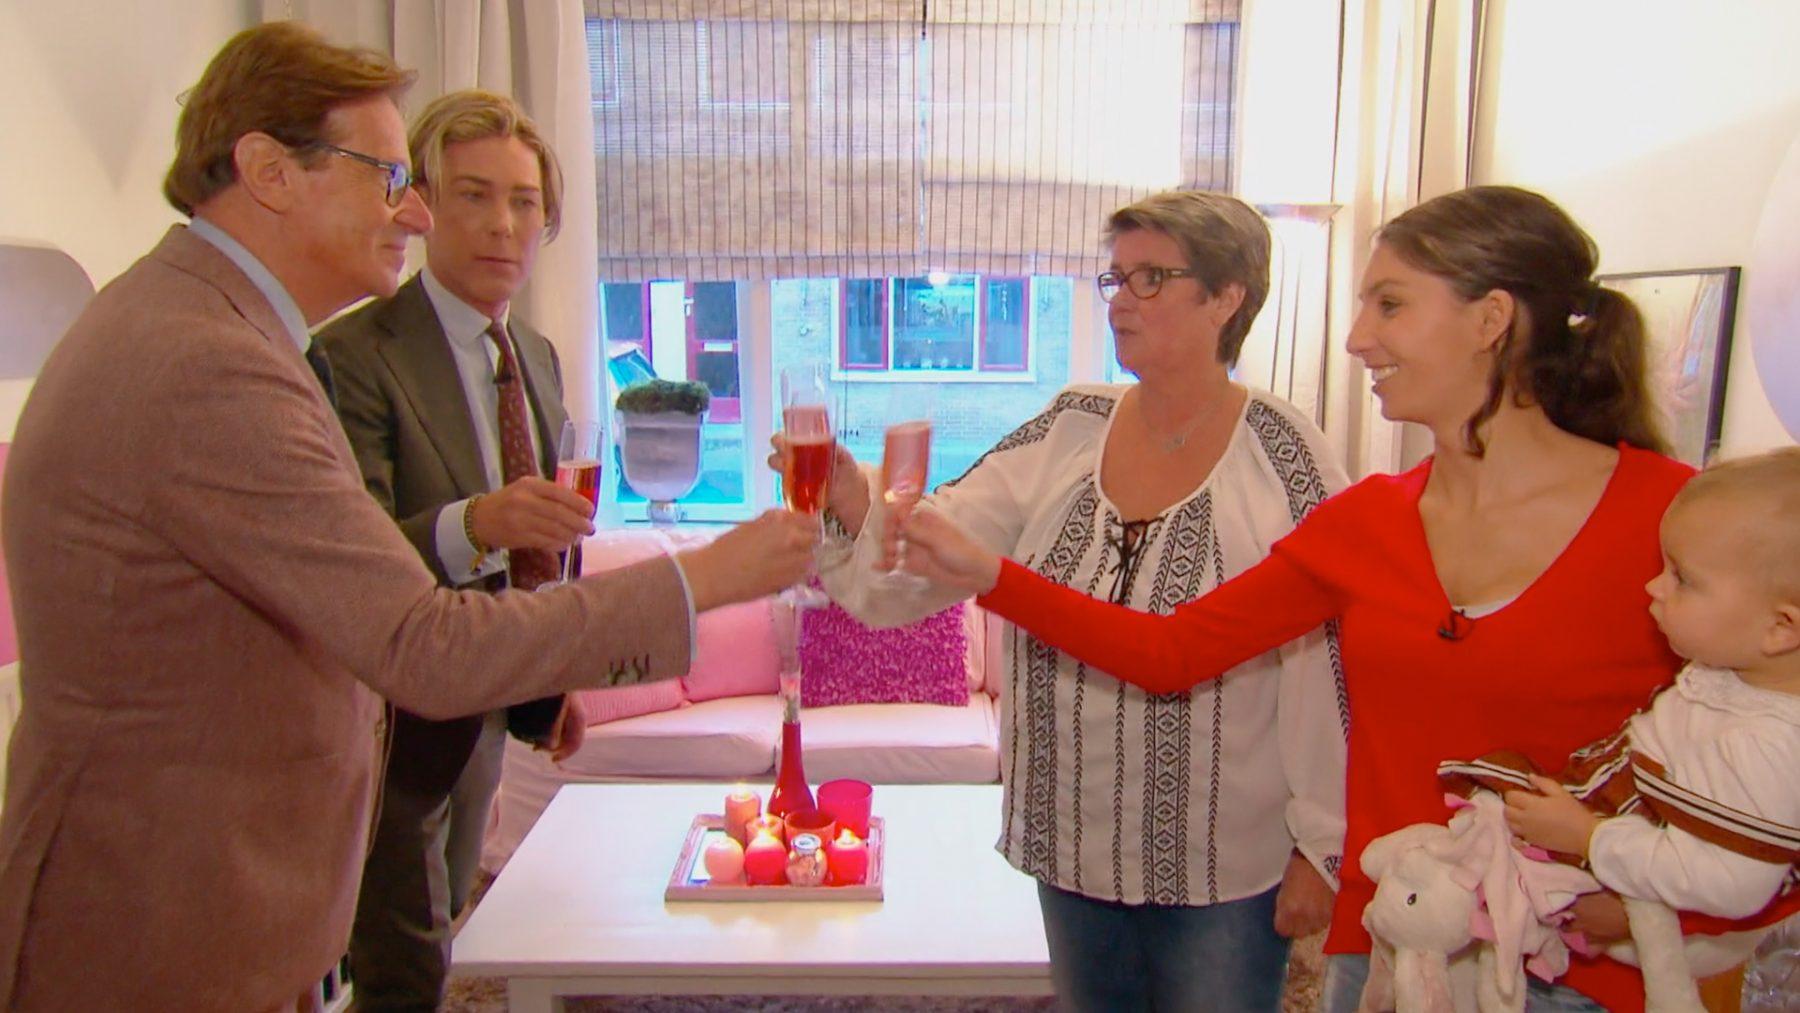 Niet een béétje roze, álles roze: Frank en Rogier creëren Barbiehuis voor een prikkie